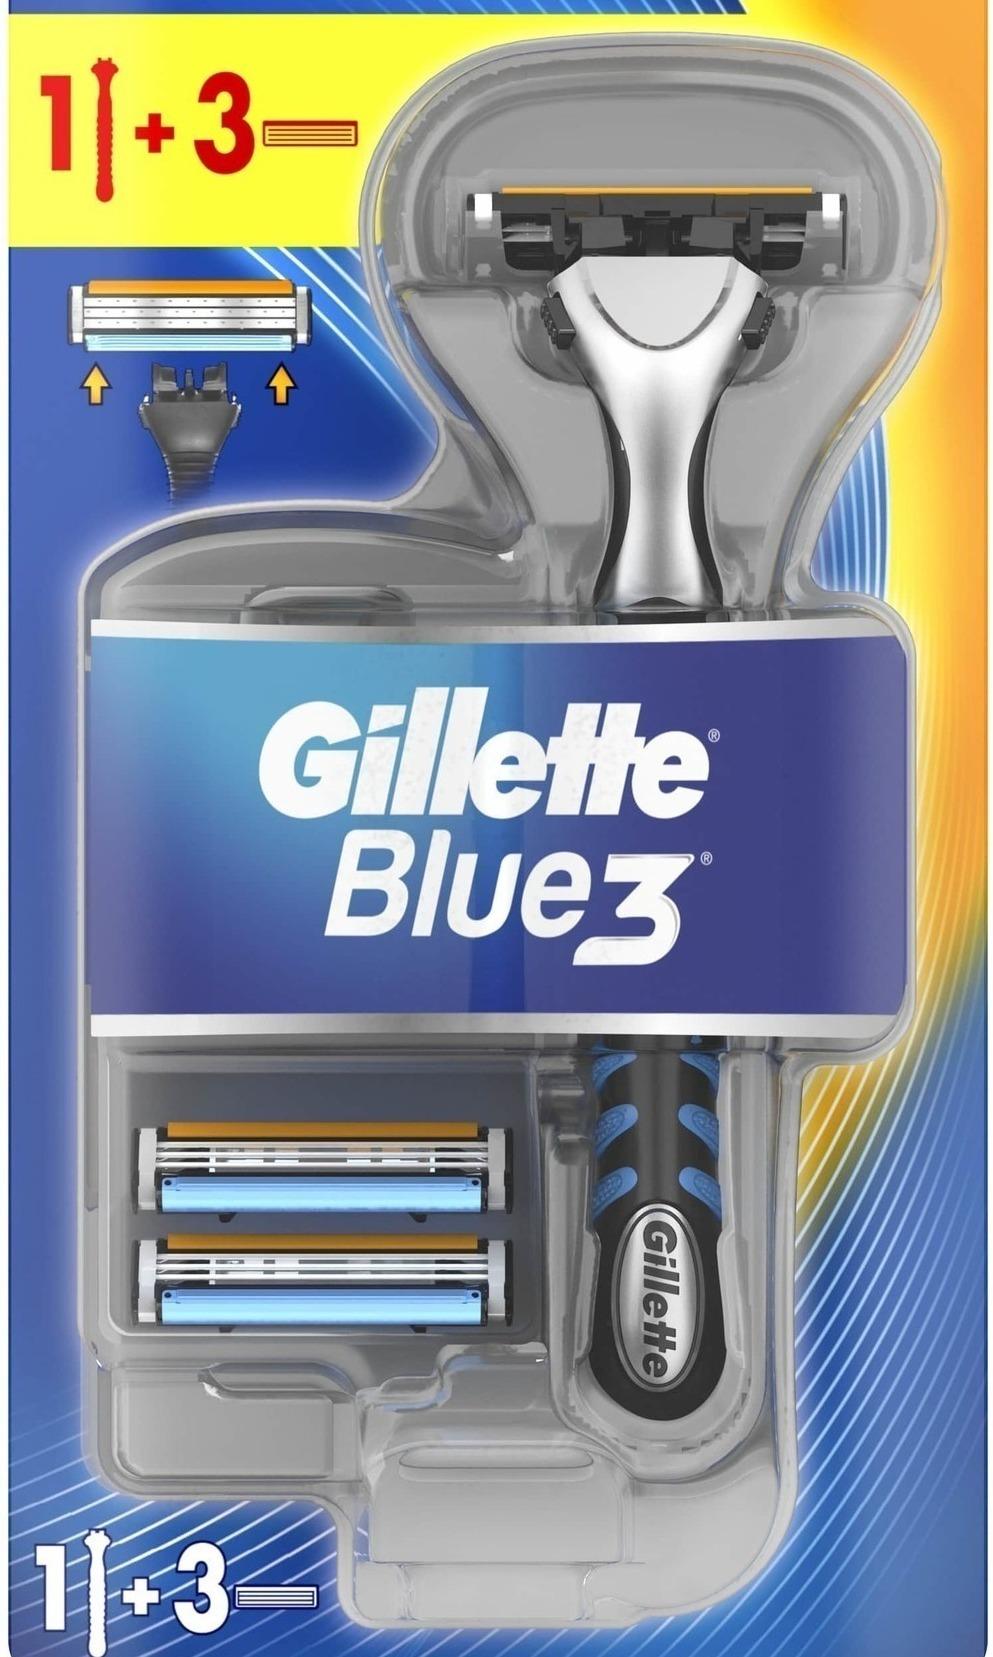 Станок Gillette Blue3 в упаковке